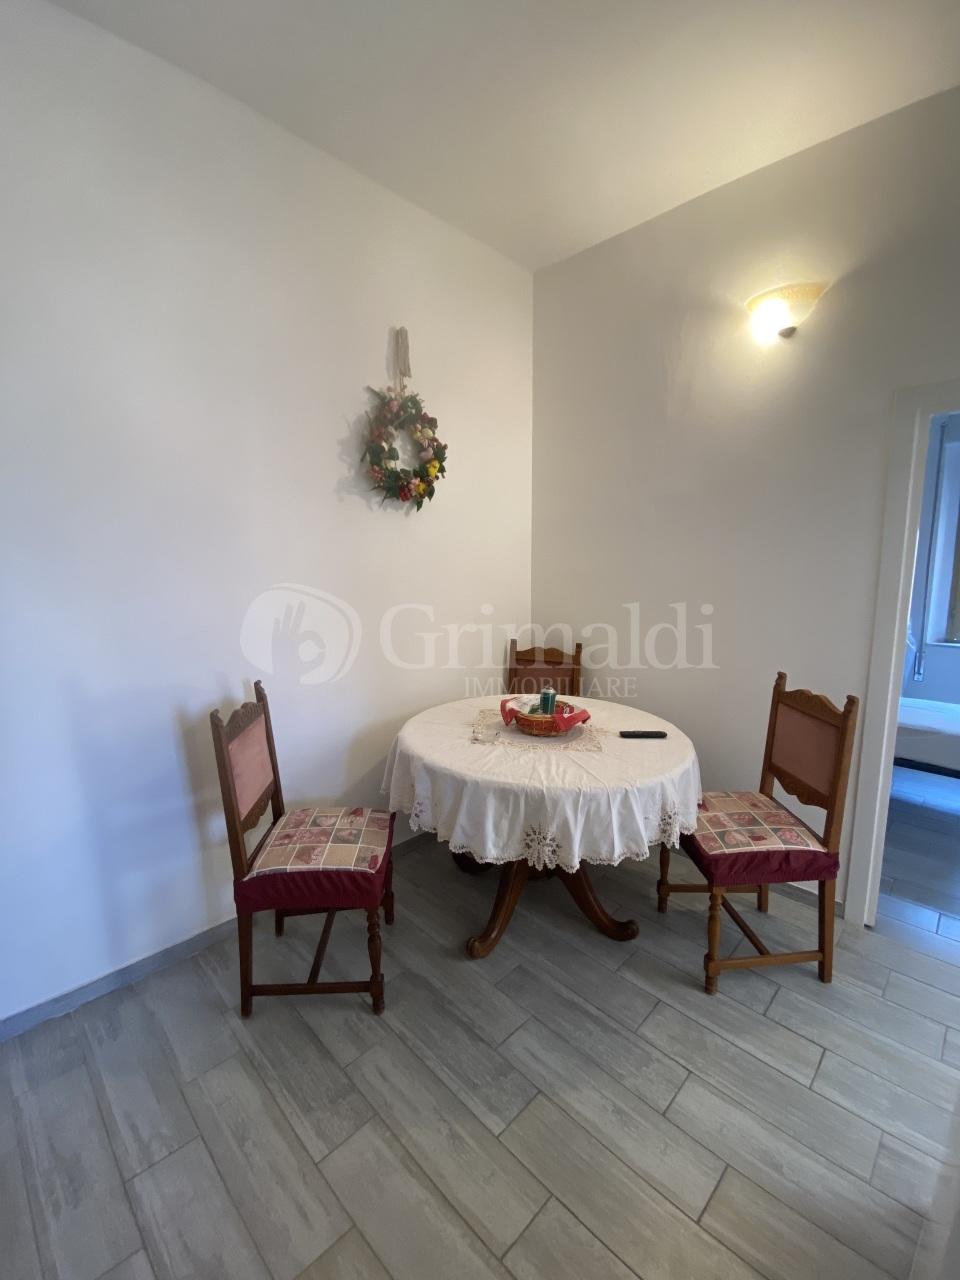 Affitto Trivani, Nettuno